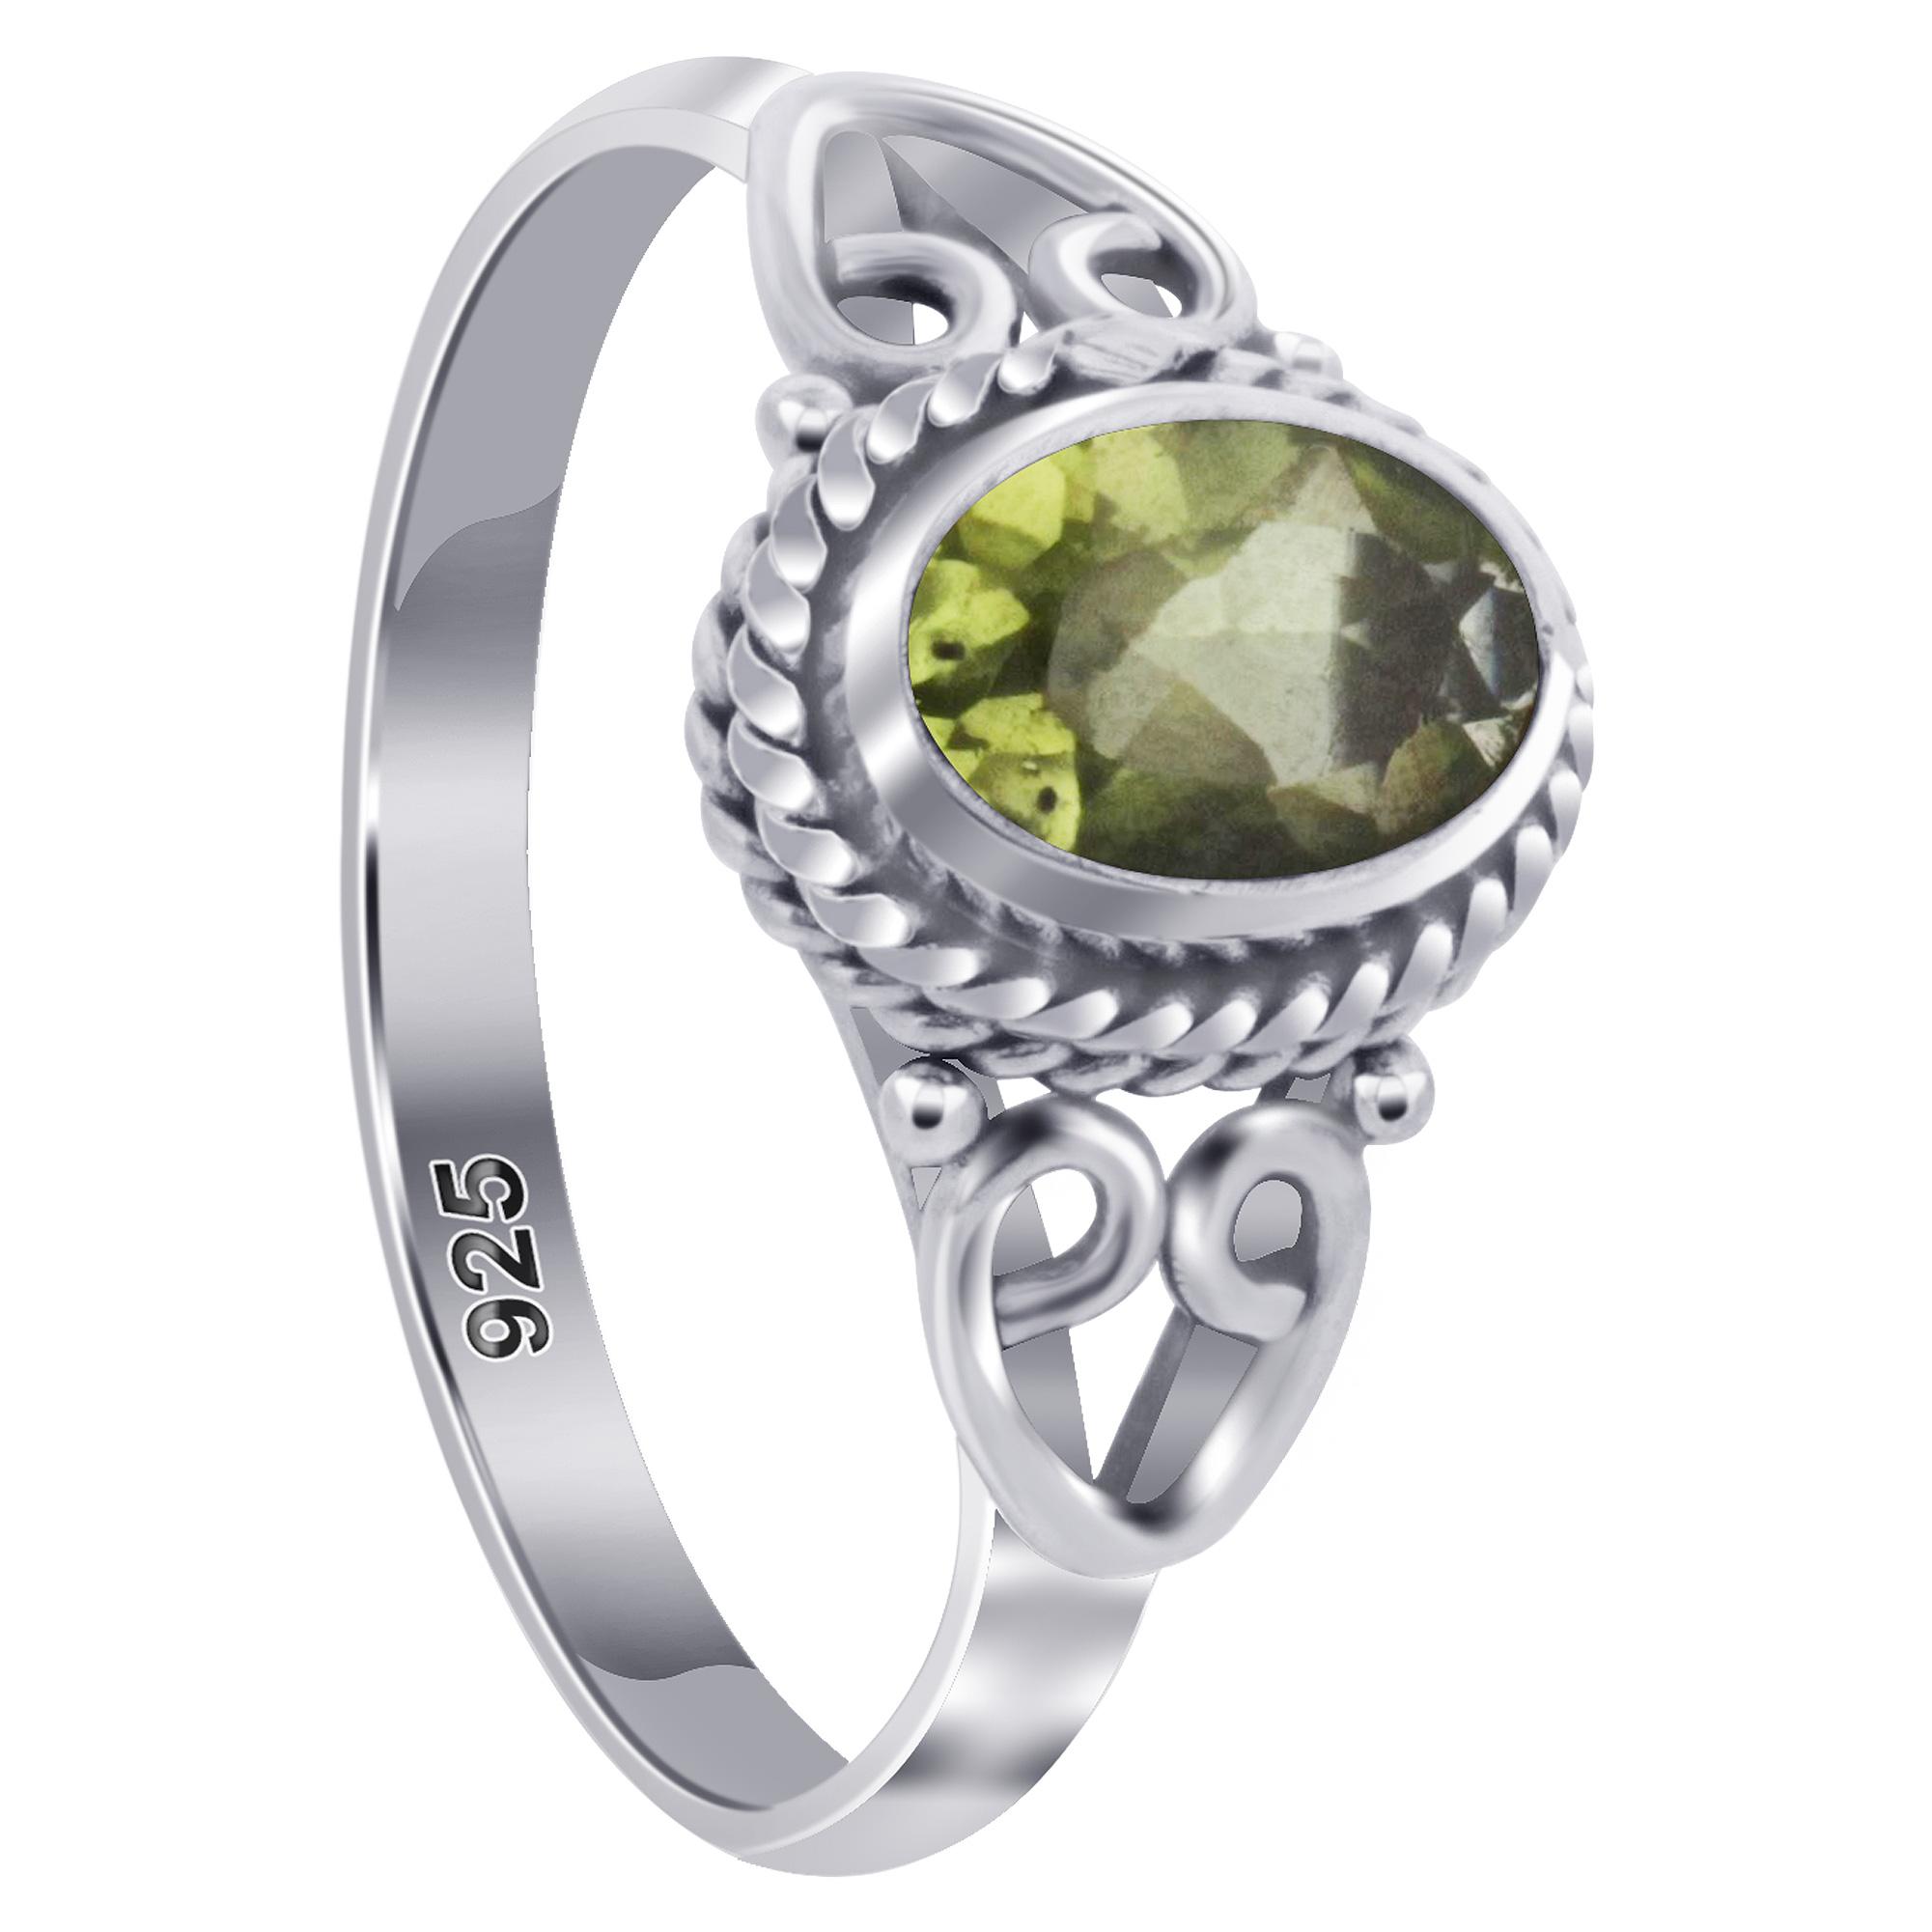 Gemstone Ring Stack Silver Rings with Gemstones Peridot Amethyst Handmade GR.51